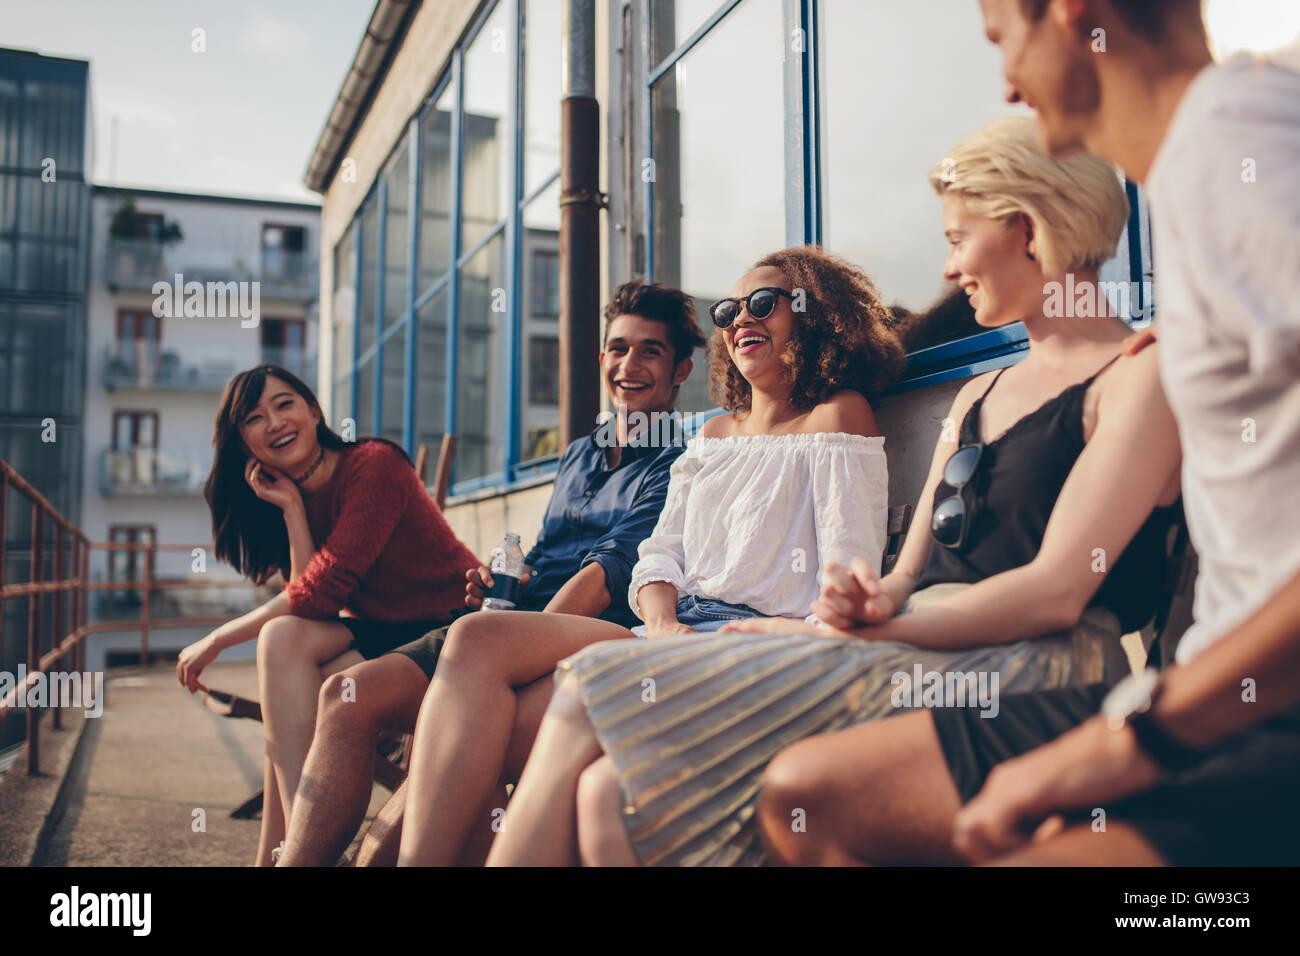 Multirazziale gruppo di amici seduti in balcone e sorridente. I giovani di relax all'aperto in terrazza. Immagini Stock